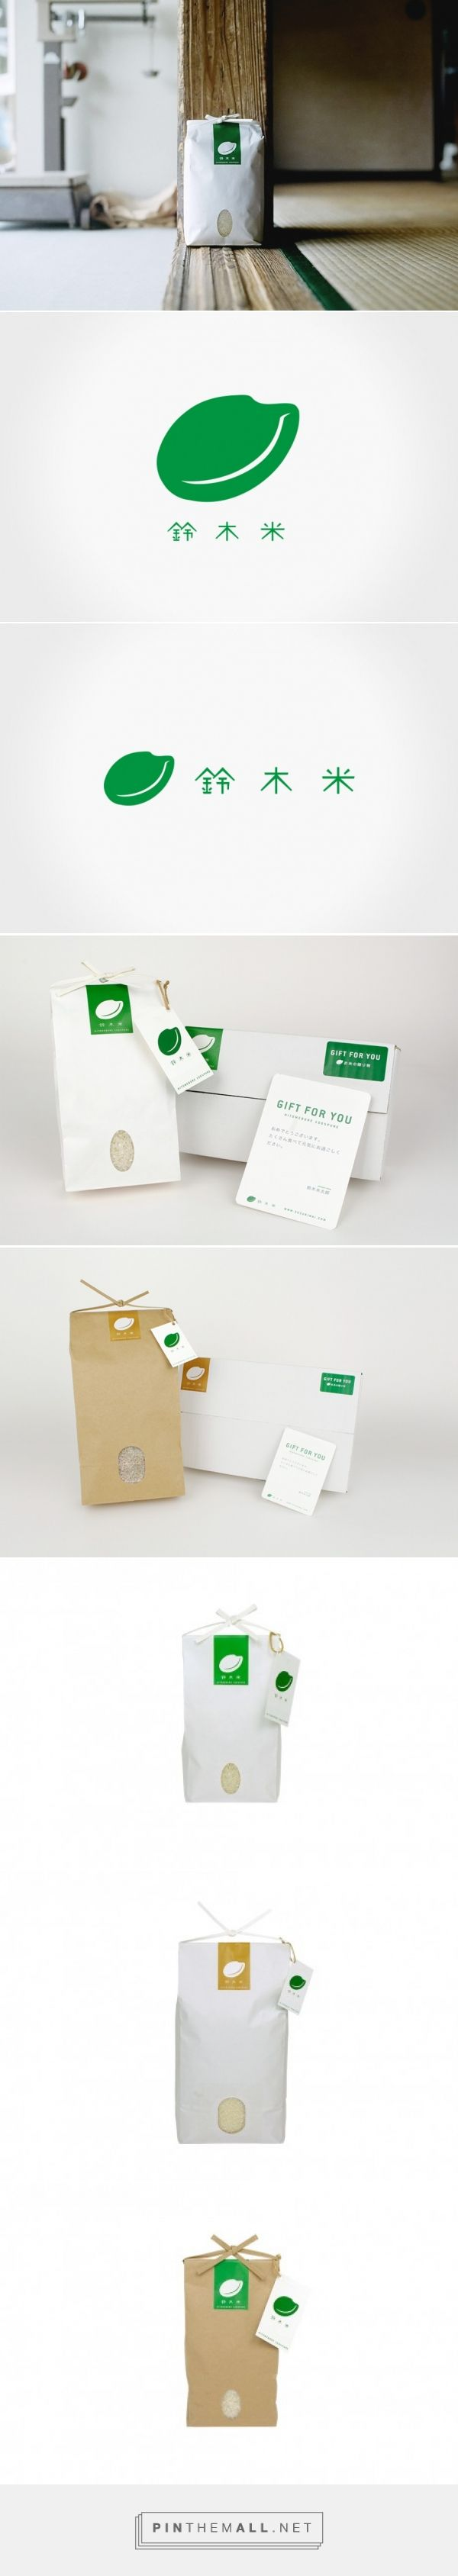 鈴木米 – 実家のお米 | nottuo|岡山のイナカ・デザイン事務所 curated by Packaging Diva PD. More rice gift packaging.